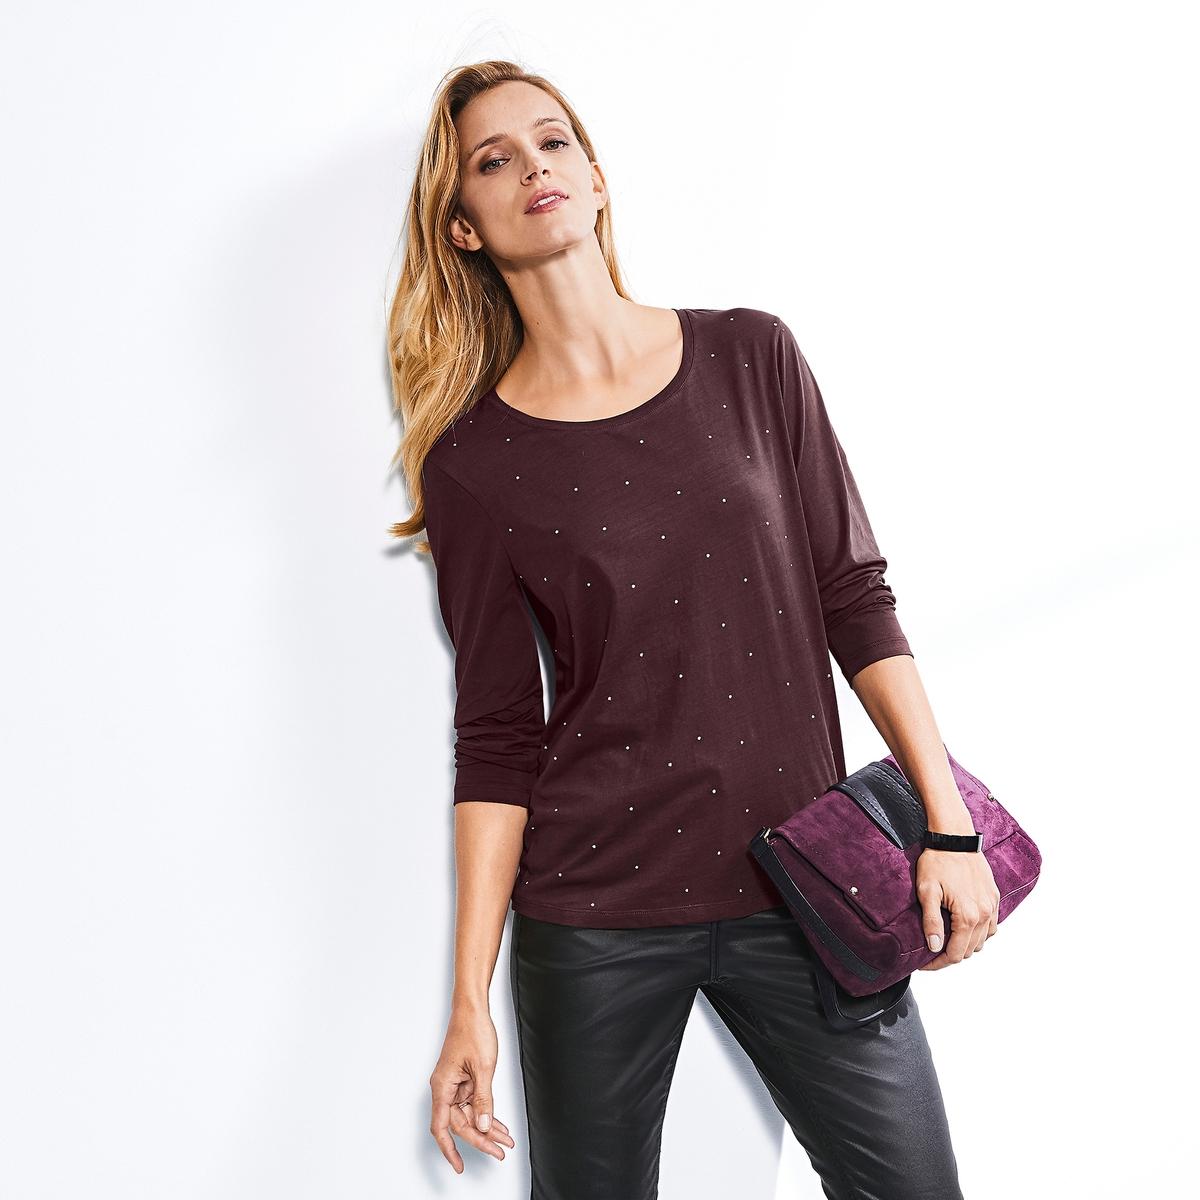 Imagen adicional de producto de Pantalón recto con revestimiento stretch - Anne weyburn